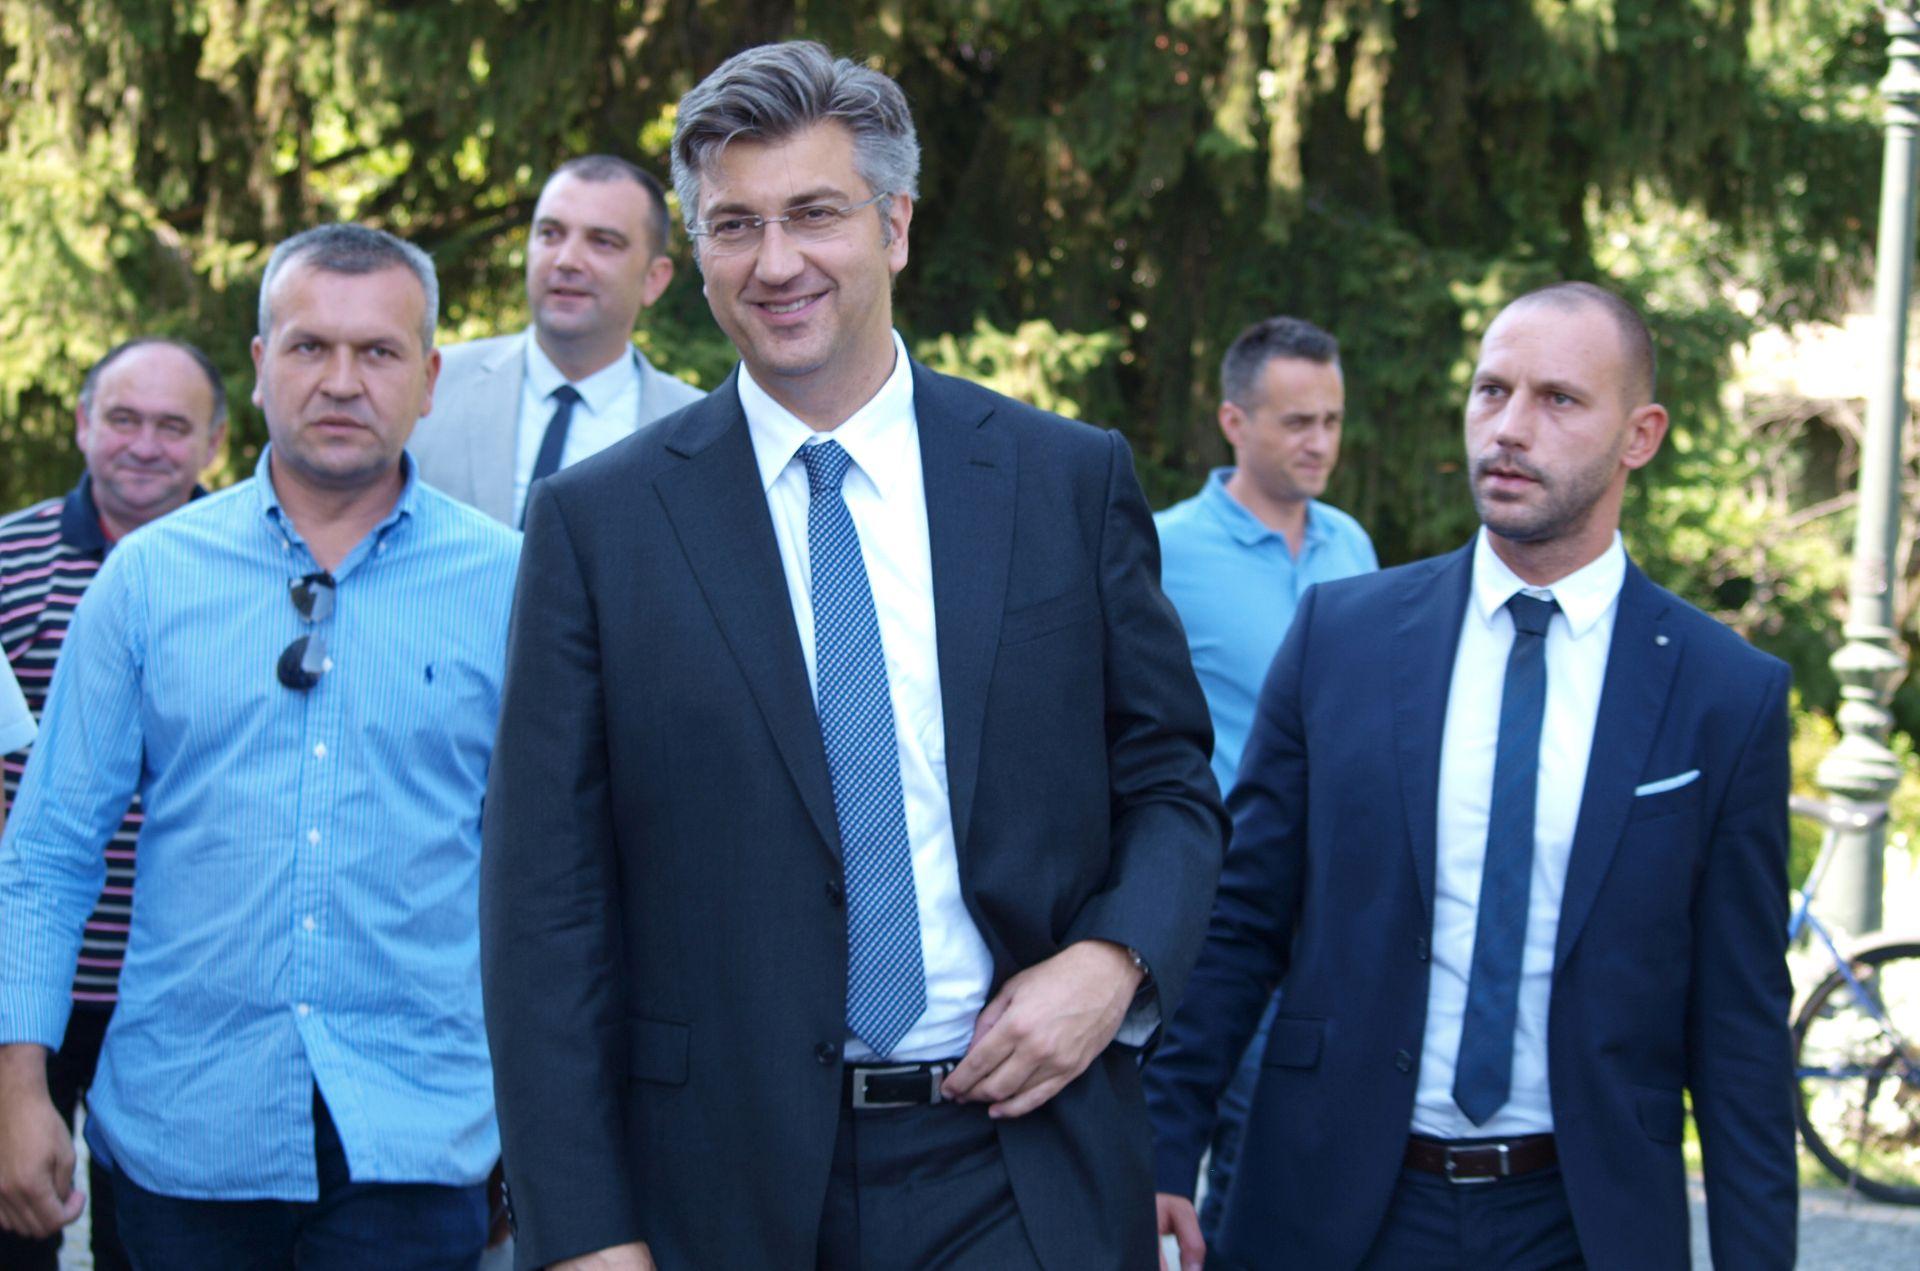 IZBORI 2016: Plenković pohvalno o Varaždinu